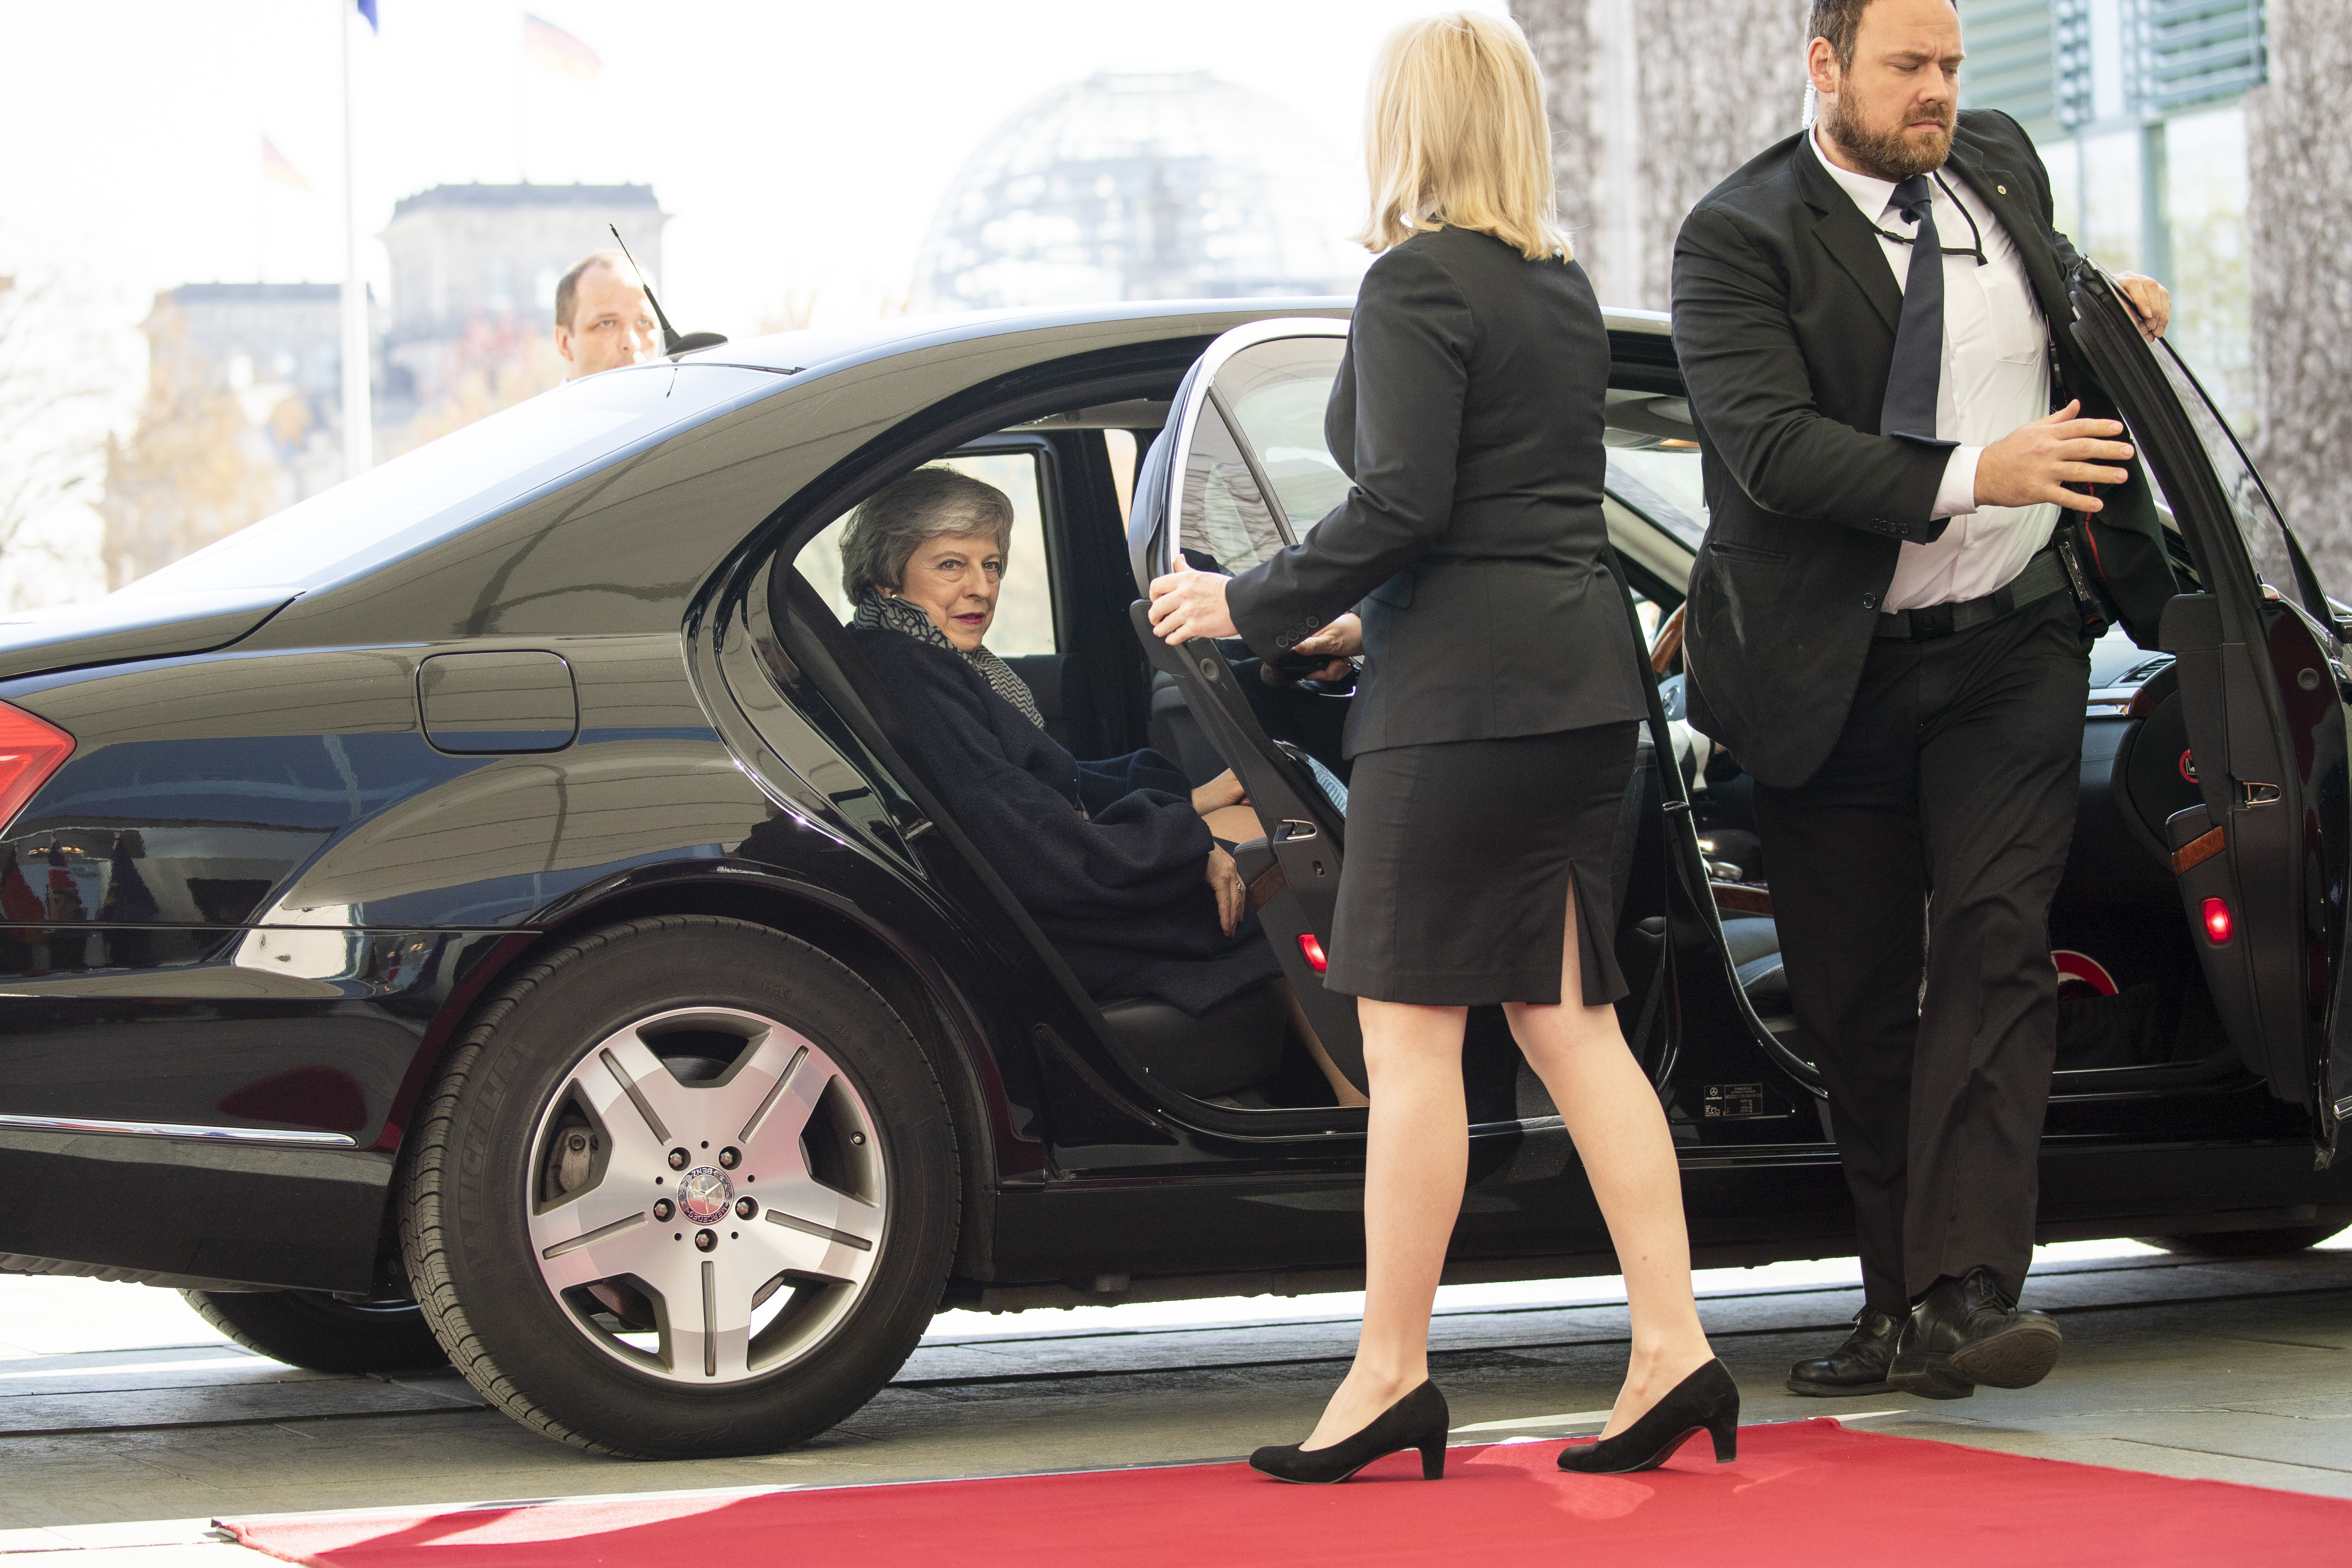 Theresa Maynek nincs szerencséje, amikor Merkelhez megy